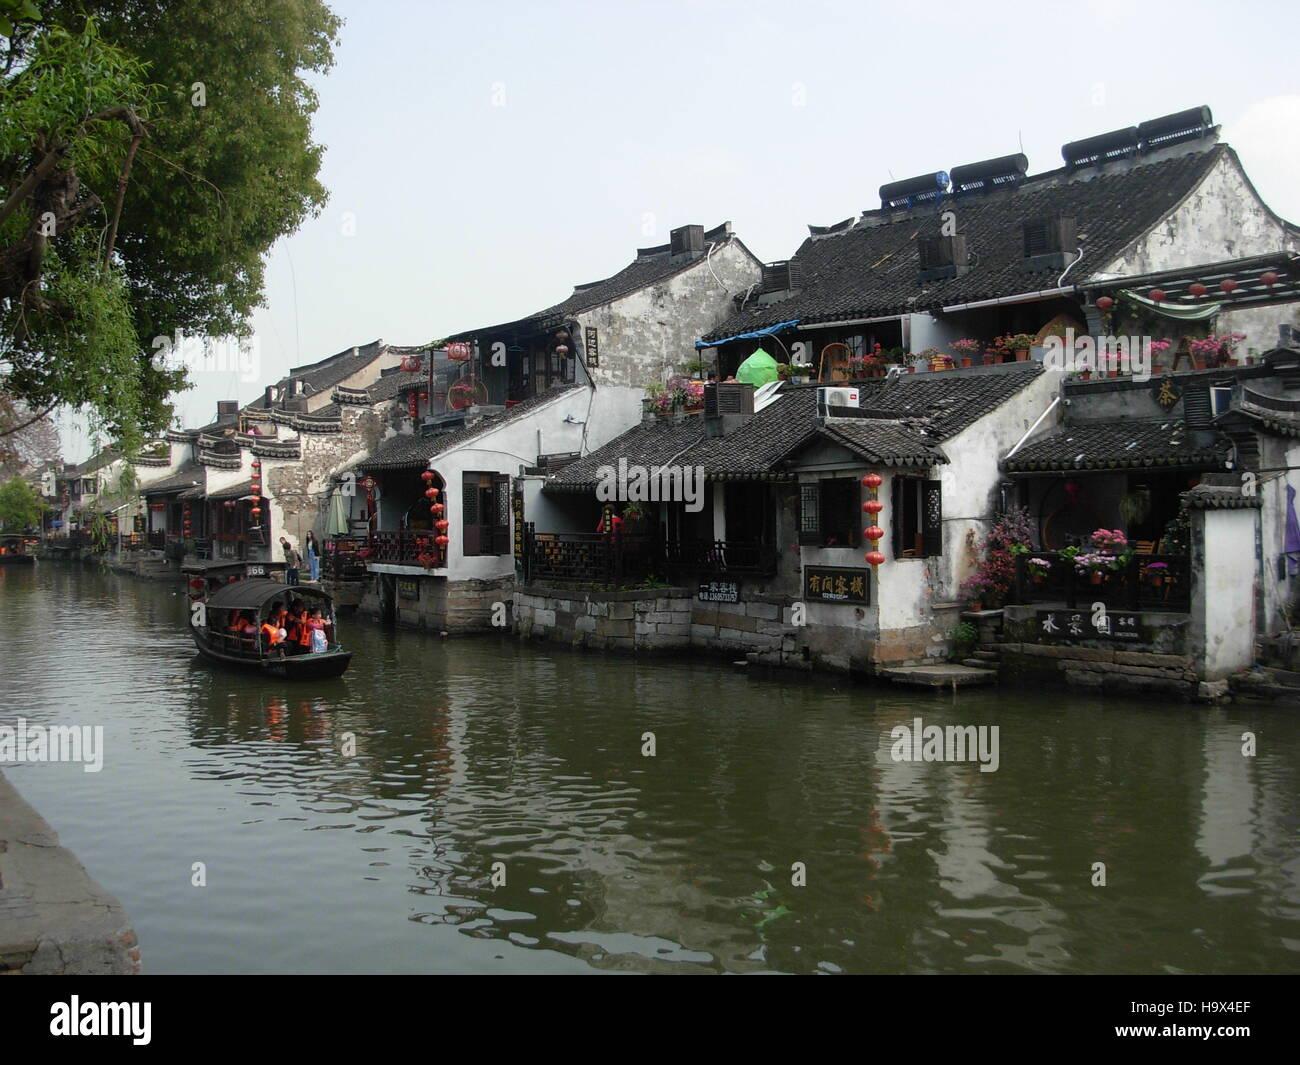 Case Tradizionali Cinesi : Tulou le case circolari degli hakka nate per creare comunita